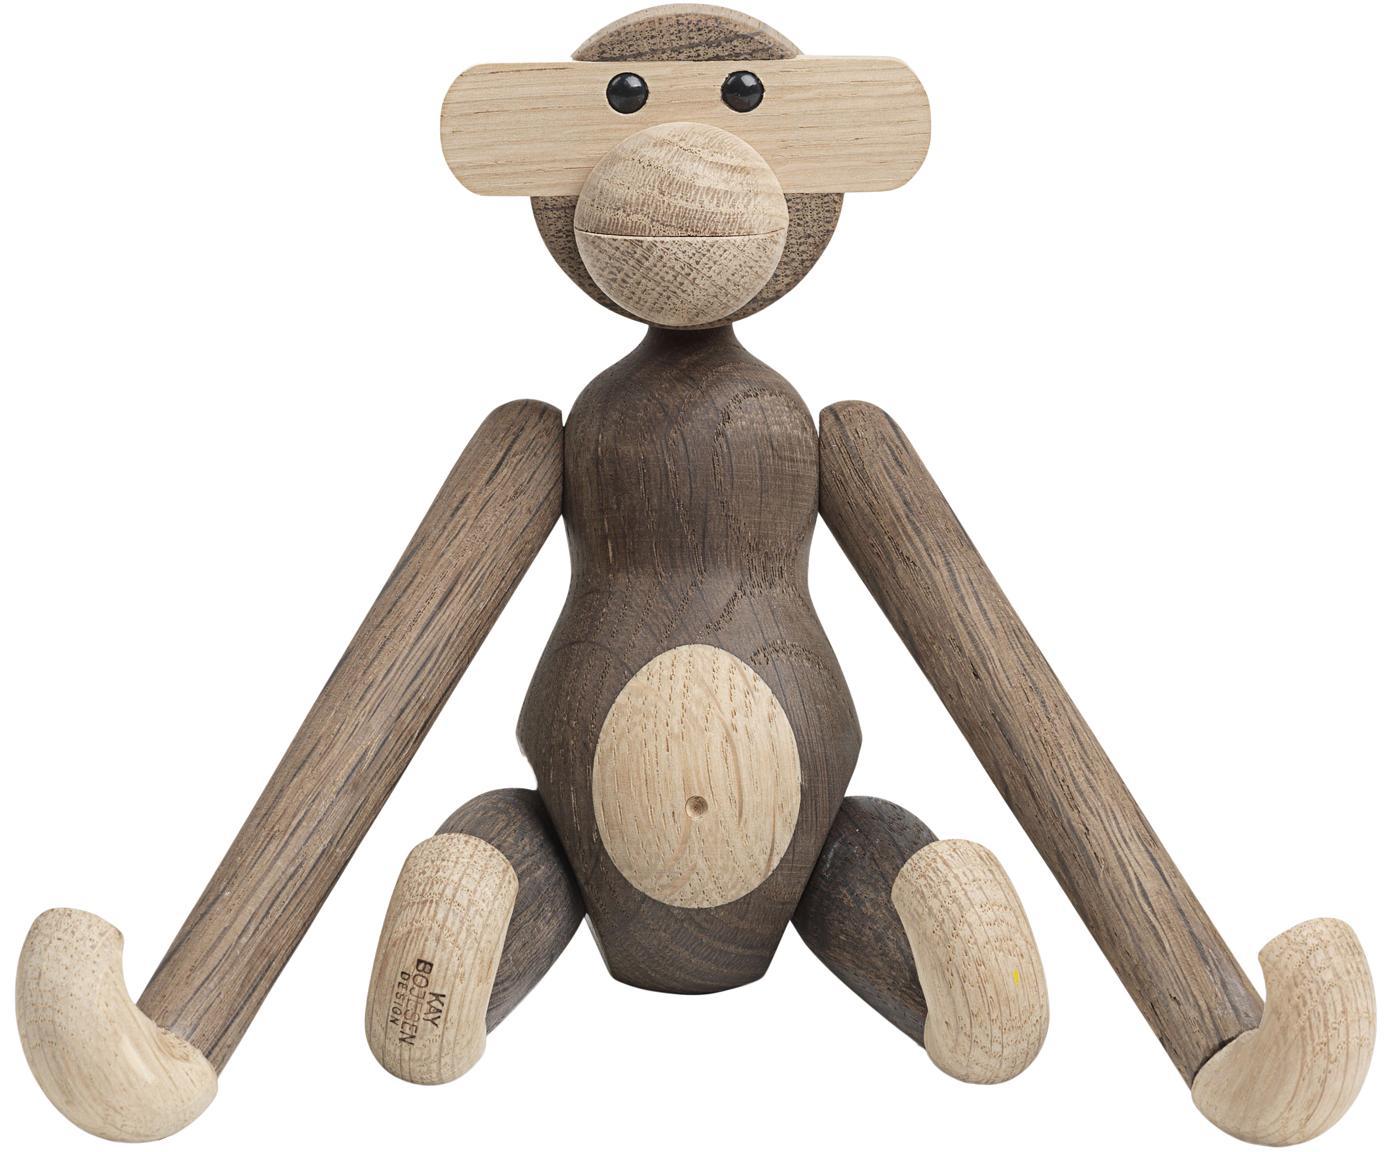 Dekoracja z drewna dębowego Monkey, Drewno dębowe, lakierowane, Drewno dębowe, S 20 x W 19 cm